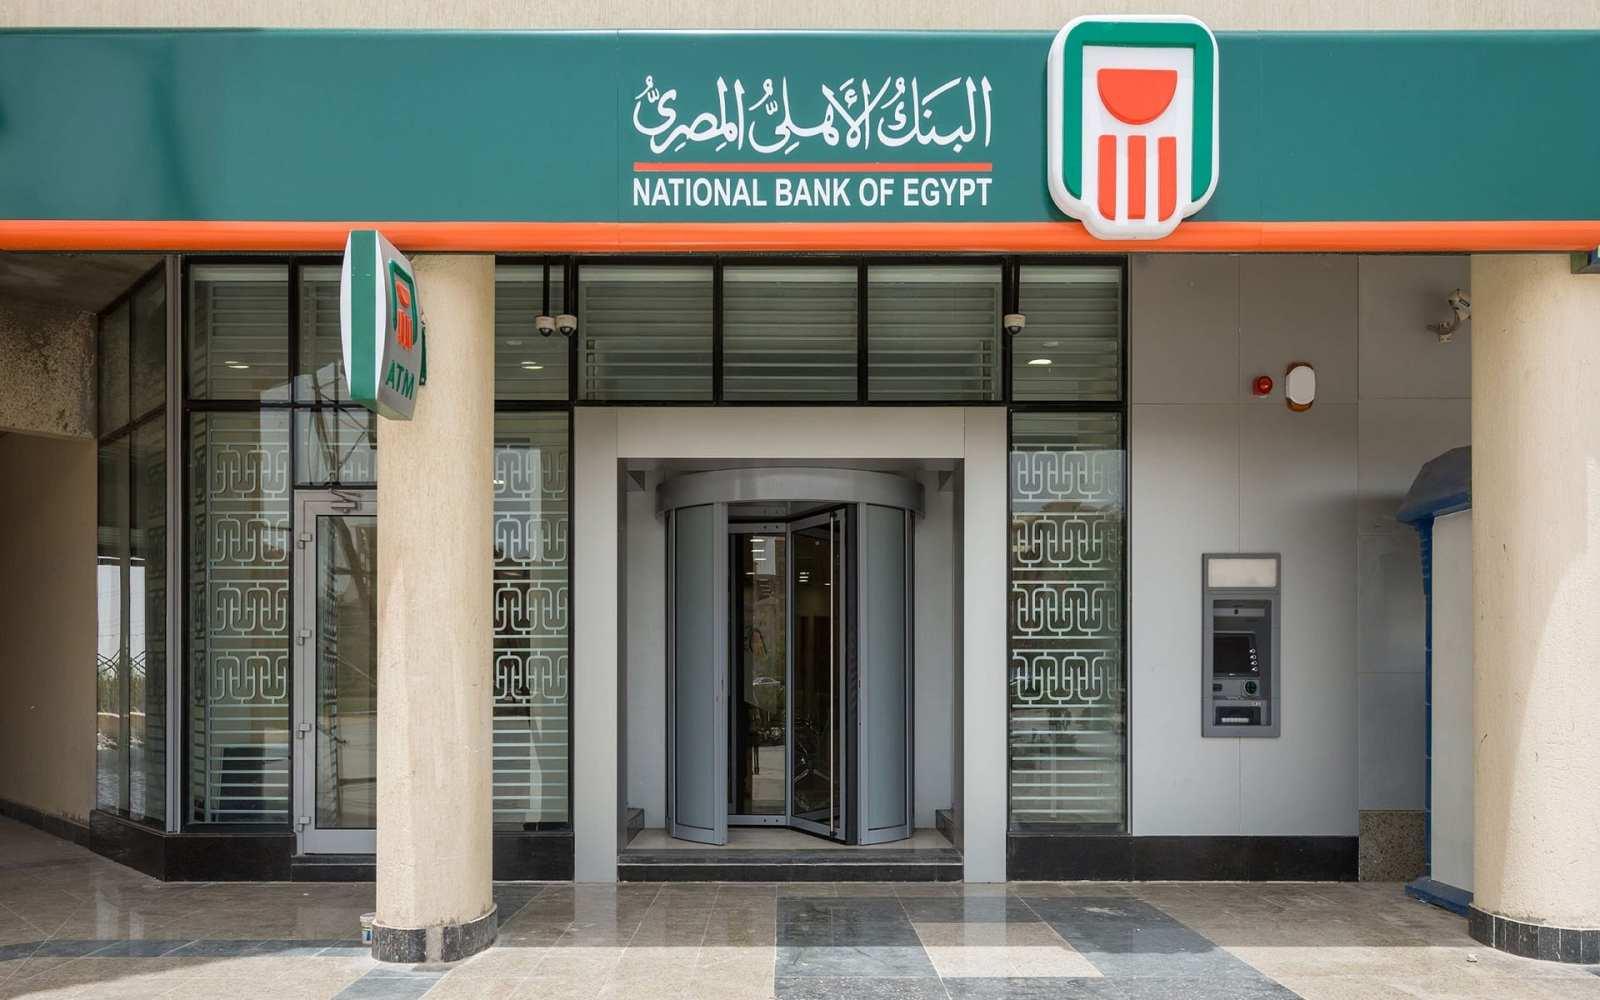 البنك الأهلي يستهدف الوصول إلي 25 فرعا إلكترونيا بنهاية العام